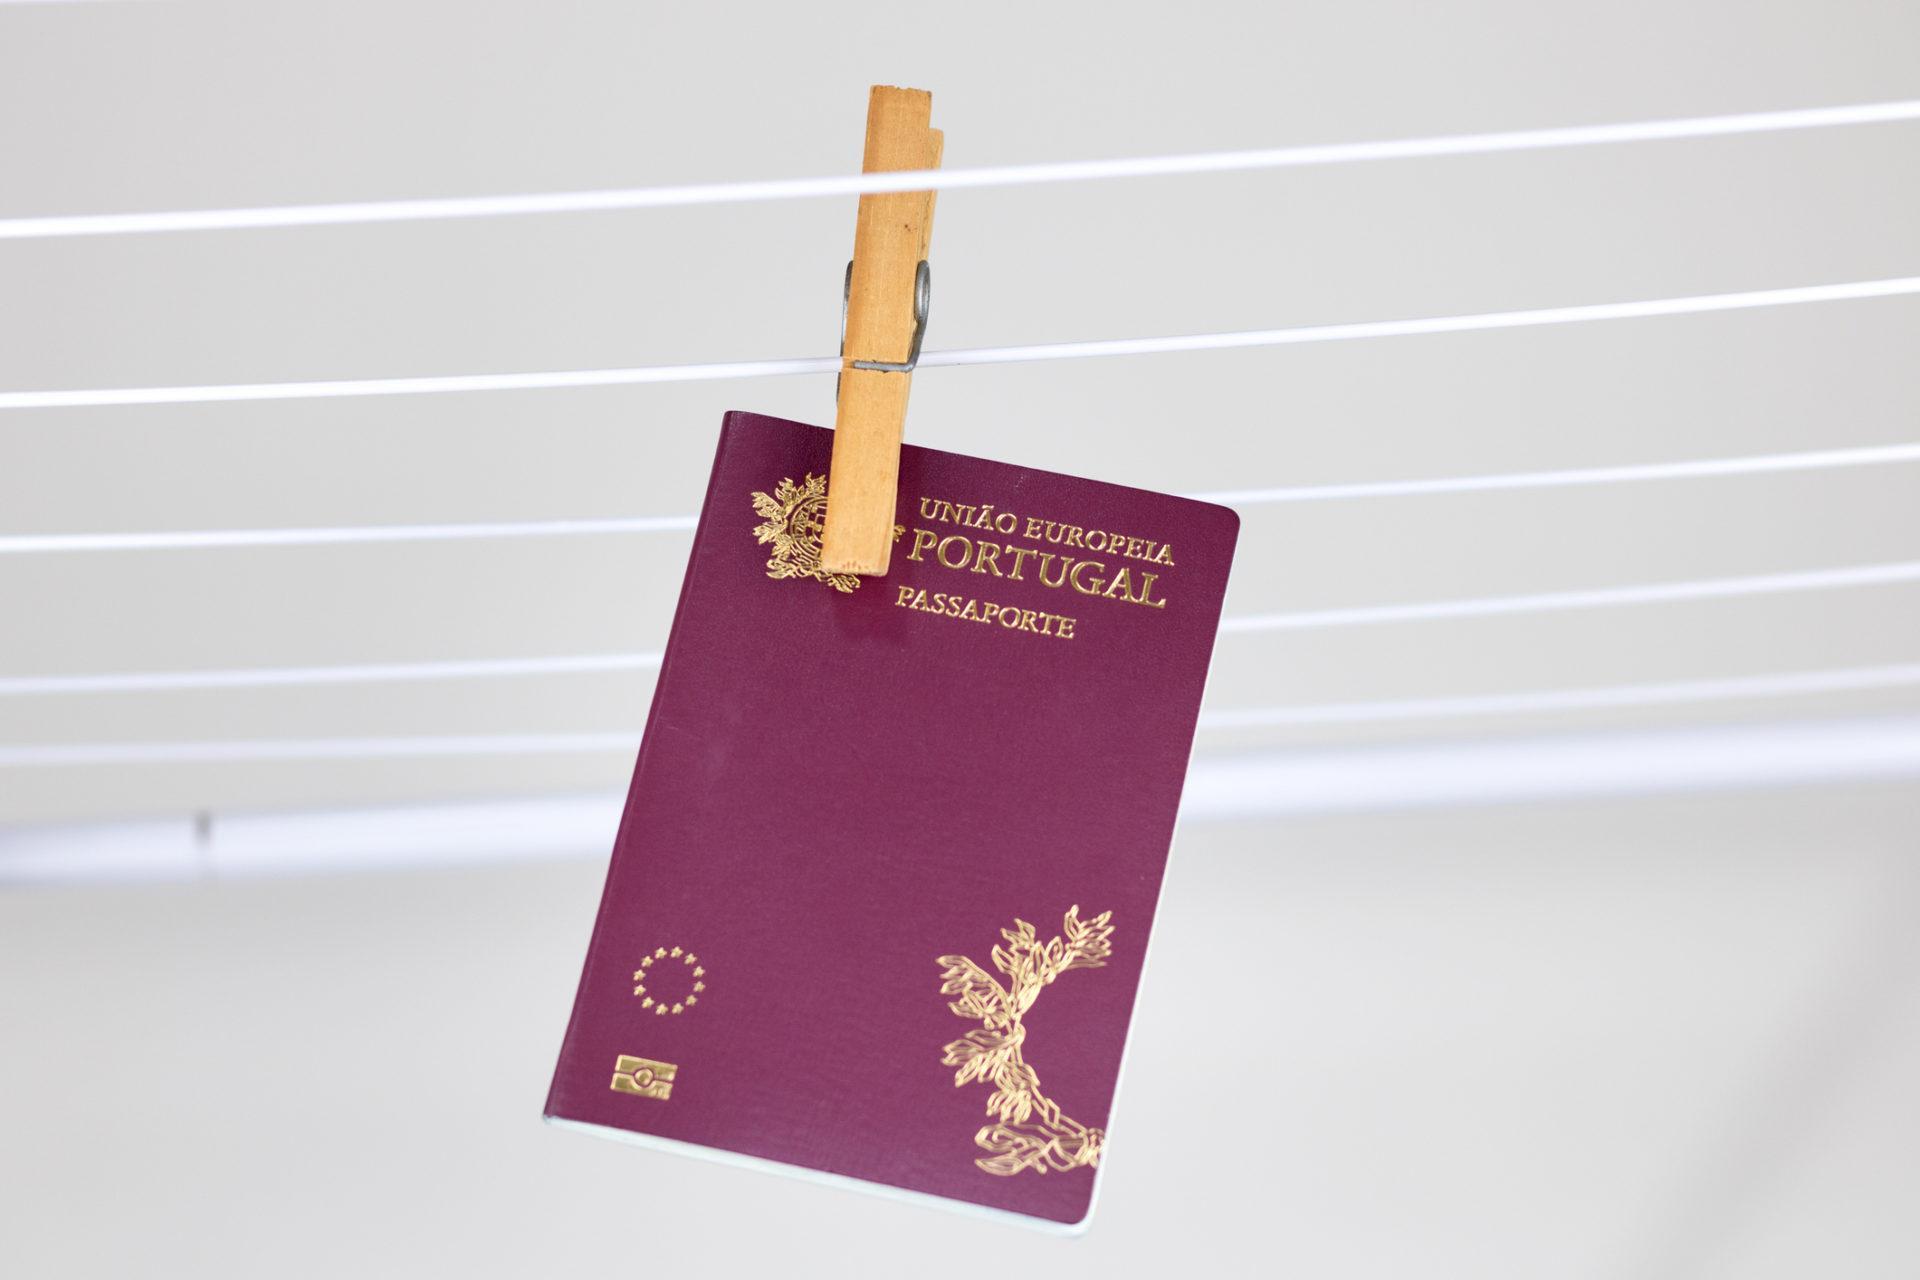 הסוף לעידן הדרכונים הפורטוגלים